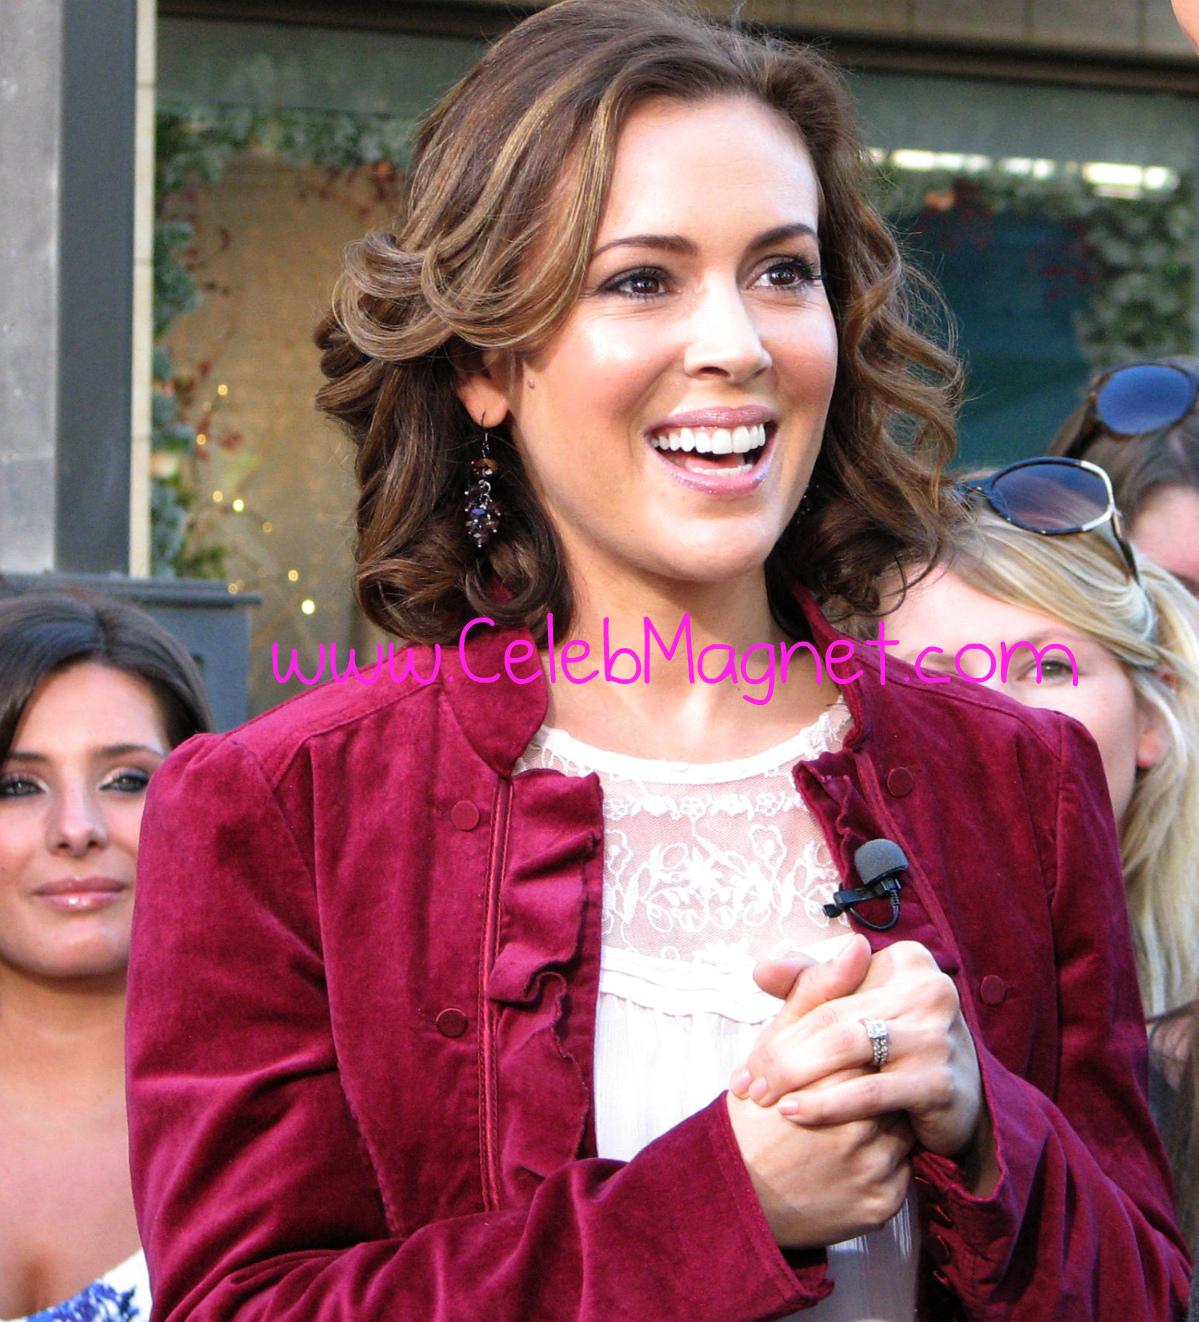 http://4.bp.blogspot.com/_LQQ5FS2UDbY/TP3tBEExIaI/AAAAAAAADN4/wqYpx0ukxjE/s1600/Alyssa_Milano_Extra_Grove.jpg